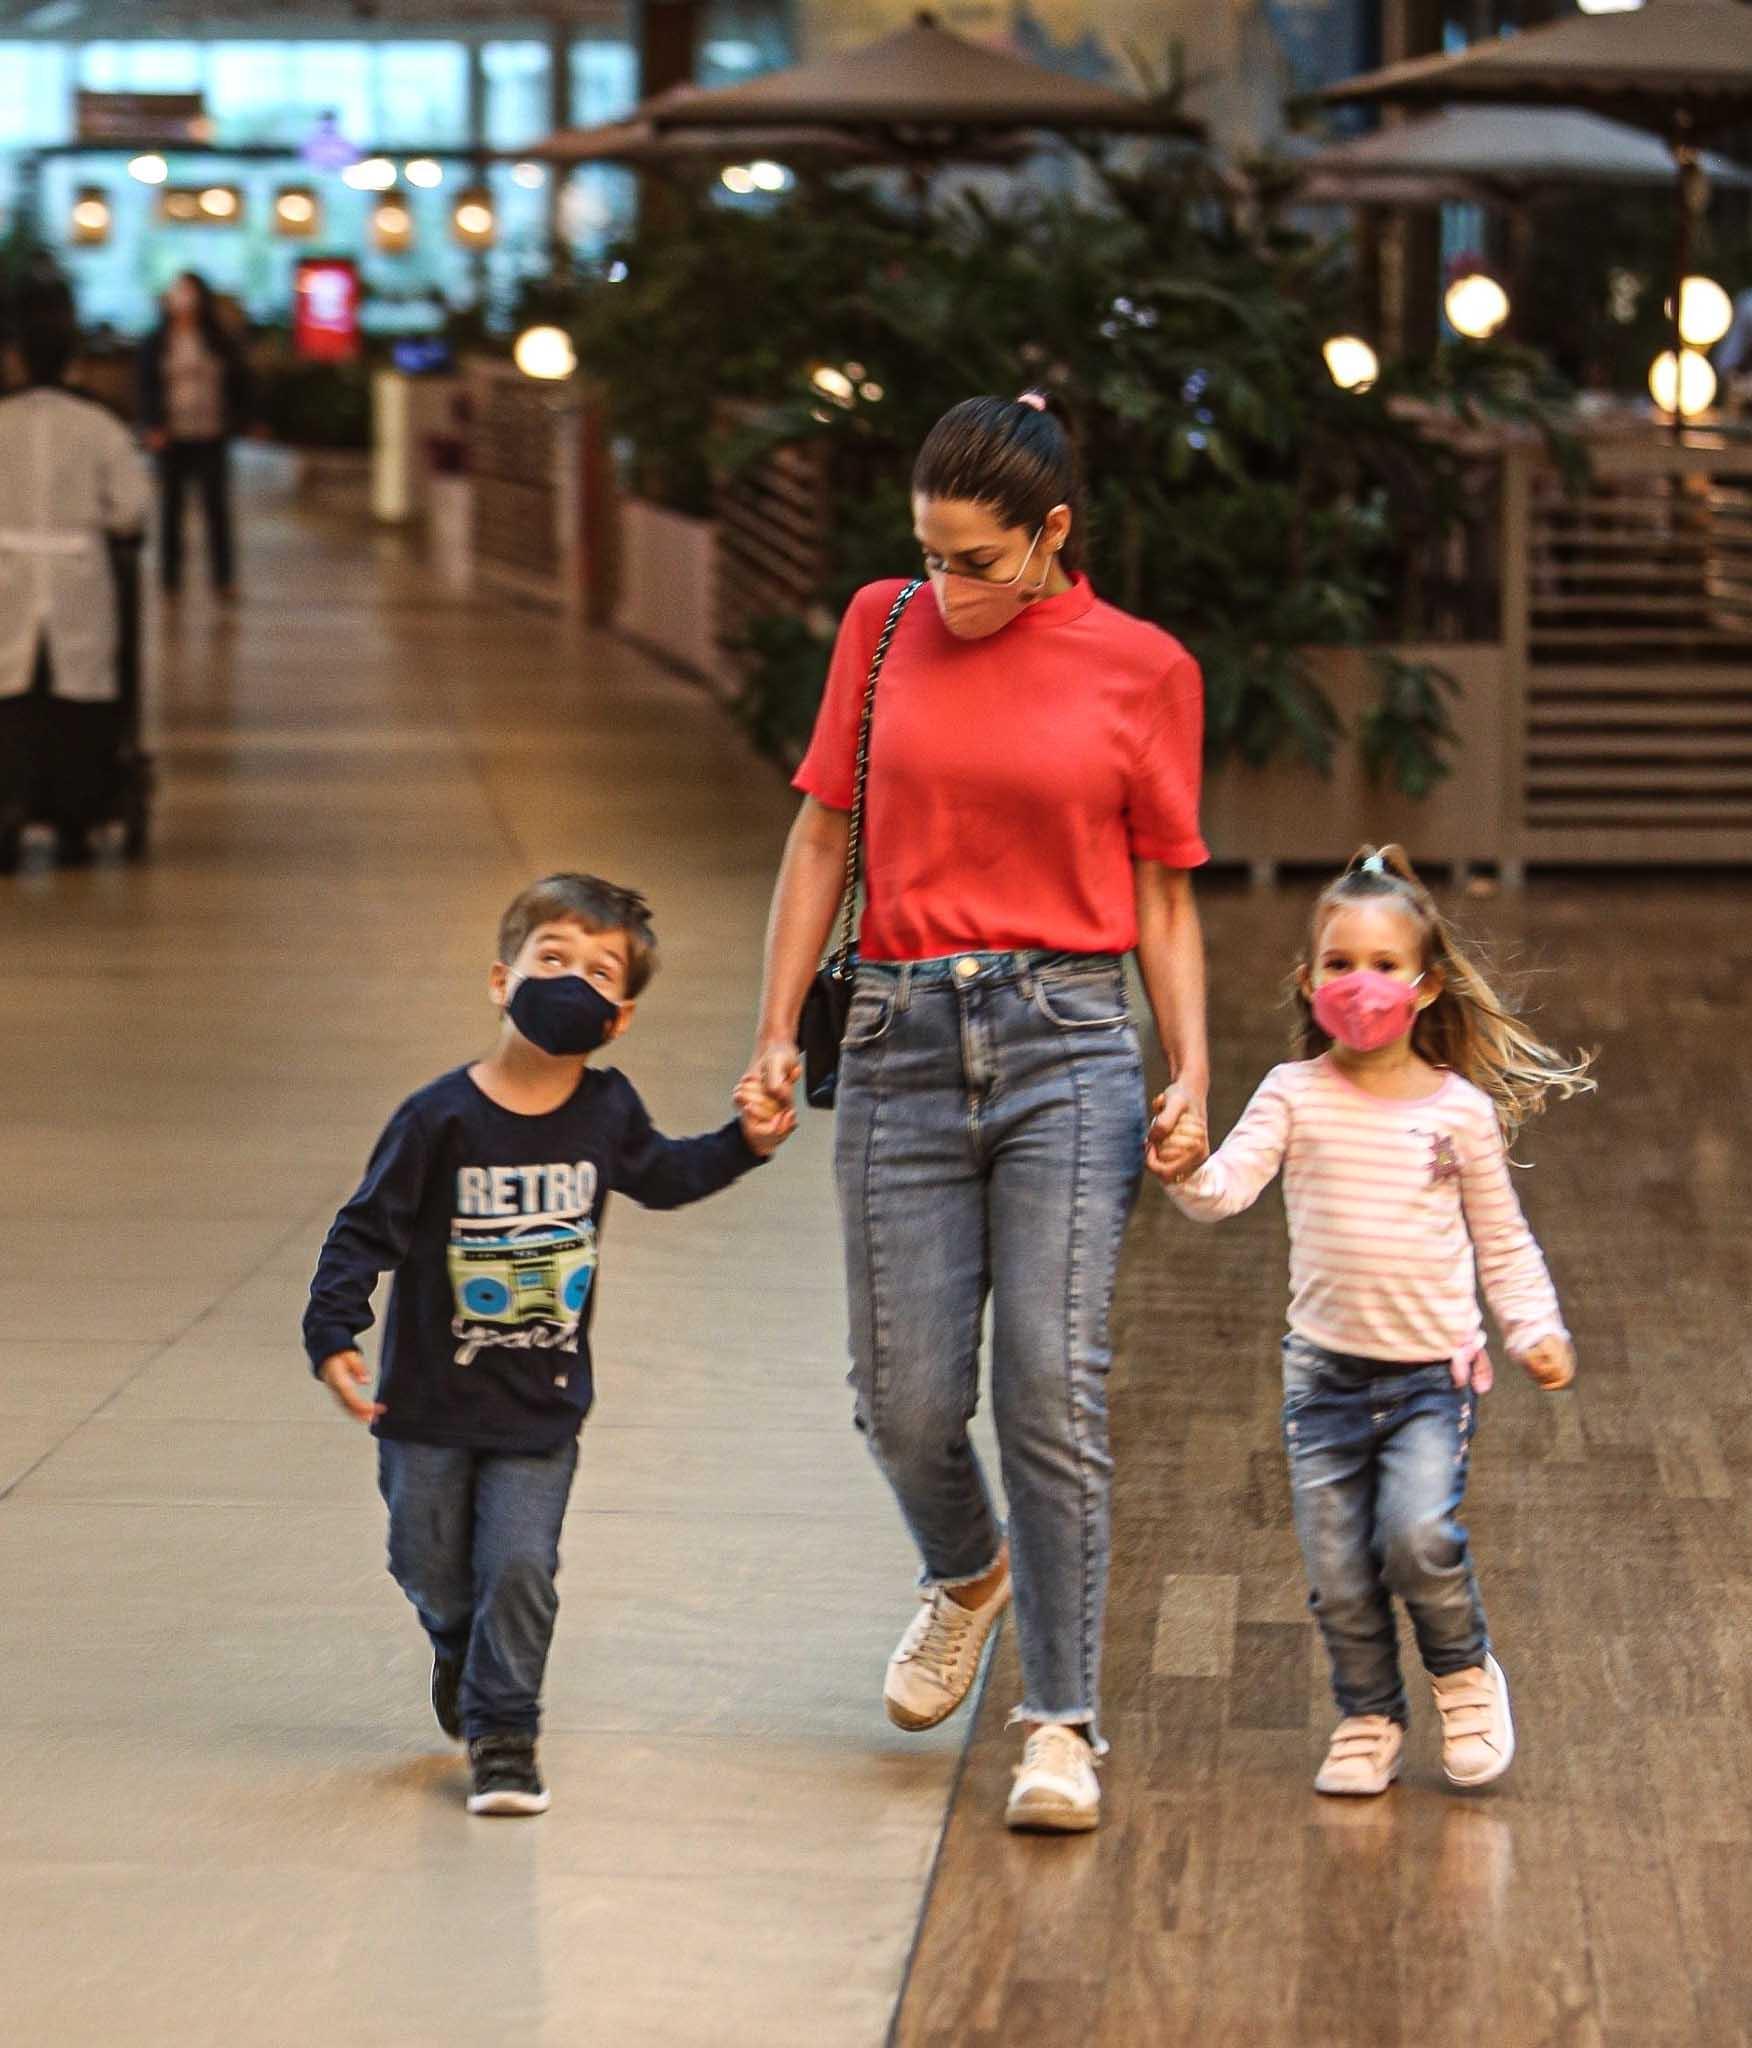 Michel Teló e Thais Fersoza curtem passeio com os filhos, Melinda e Teodoro - Crédito: Edson Aipim / AgNews